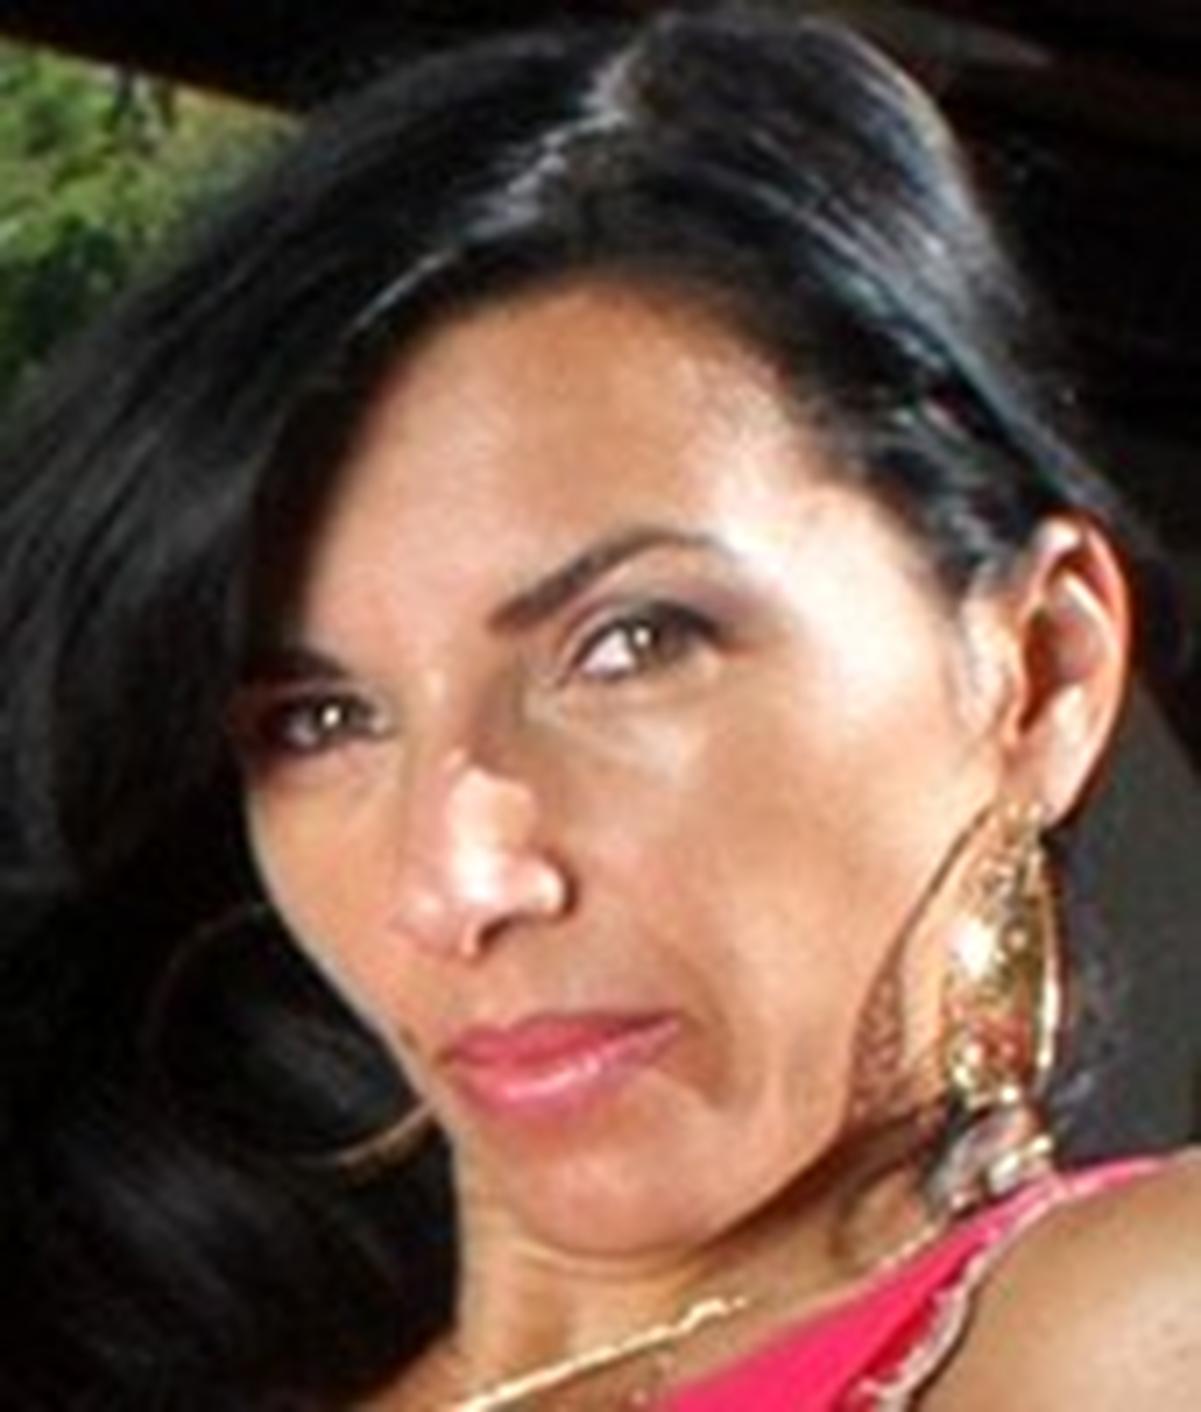 Bettina Kox